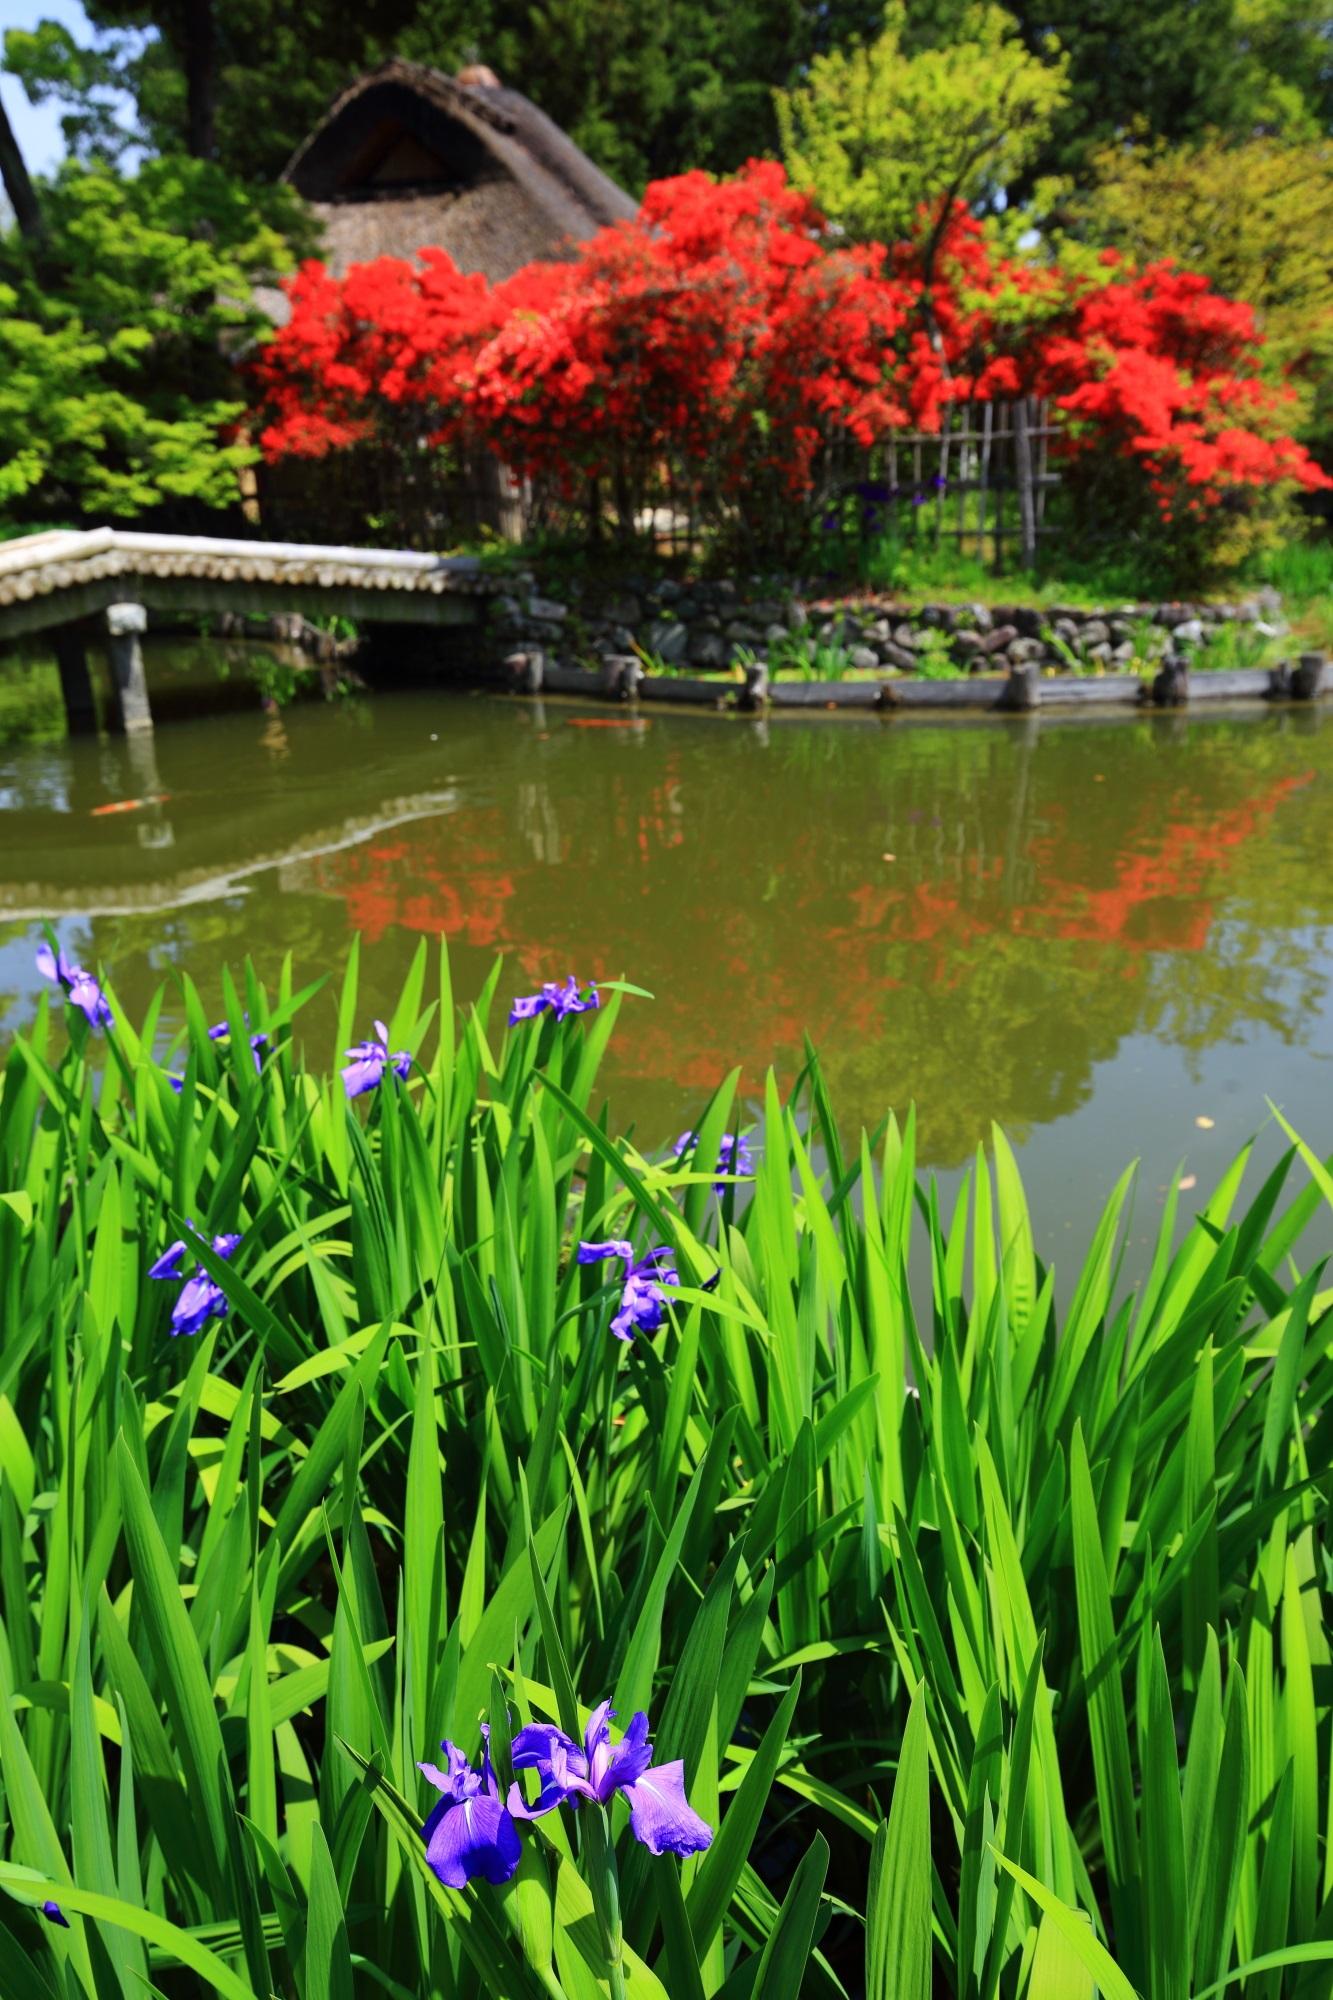 梅宮大社の赤いキリシマツツジと紫の杜若の鮮やかな春の競演